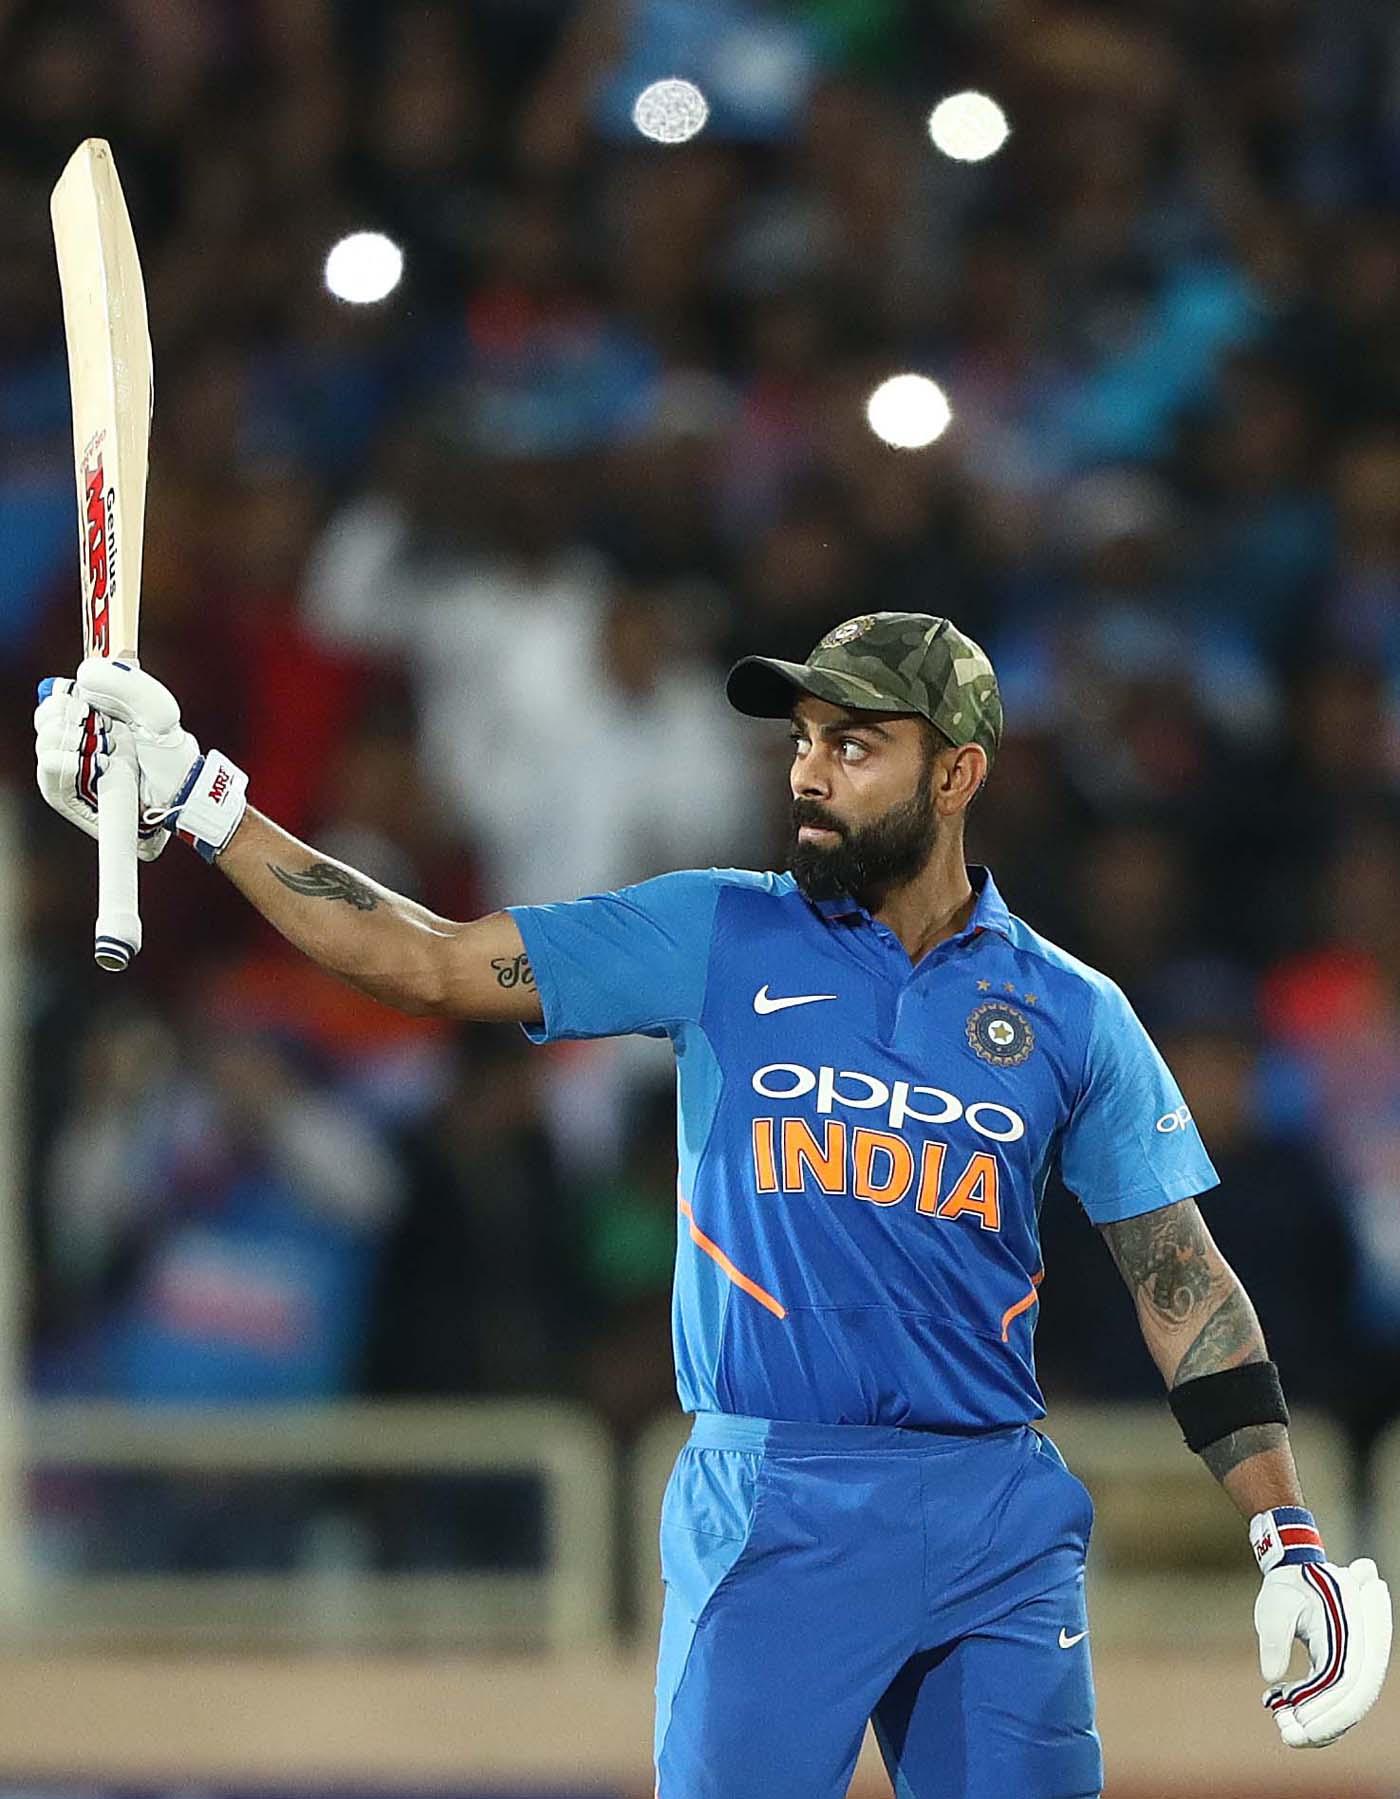 Virat Kohli Raises His Bat After Getting To His 41st Odi